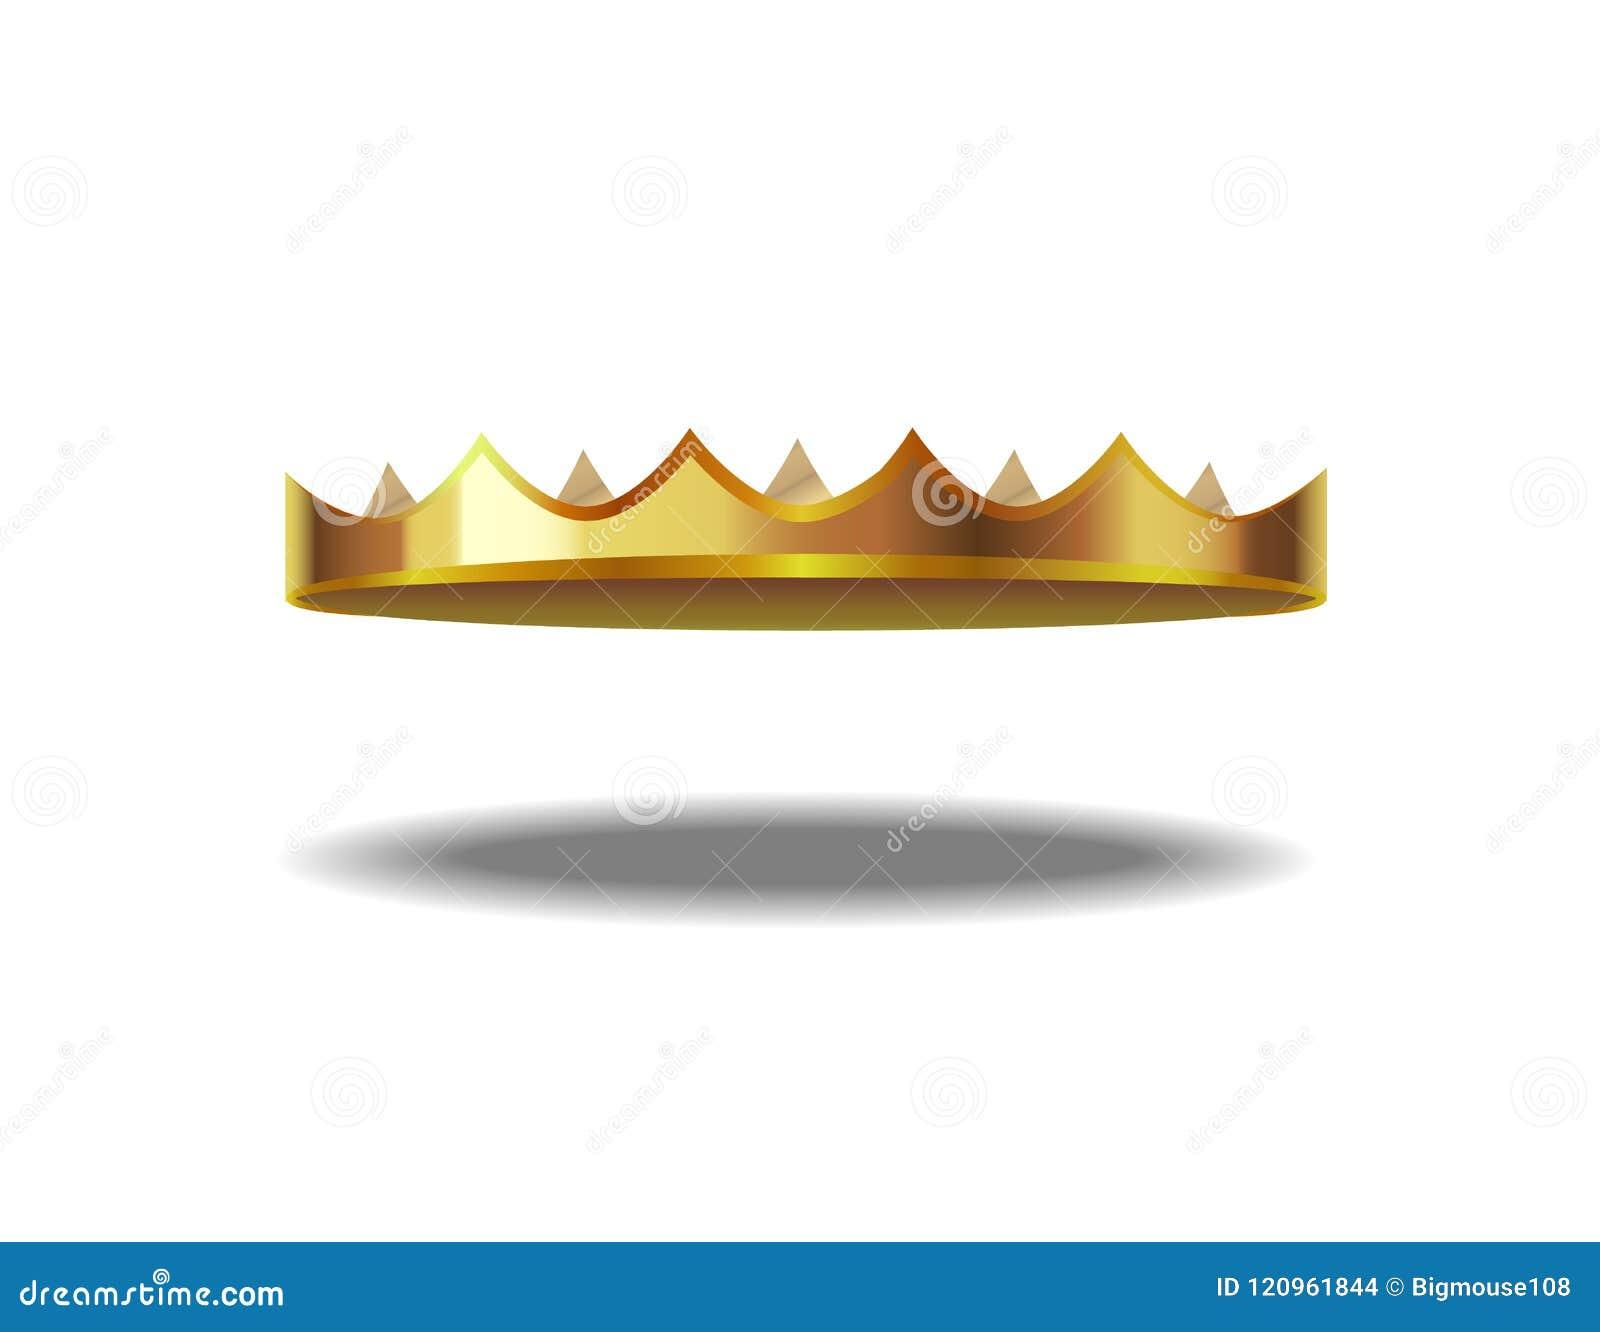 Realistic Detailed 3d Golden Crown Vector Stock Vector